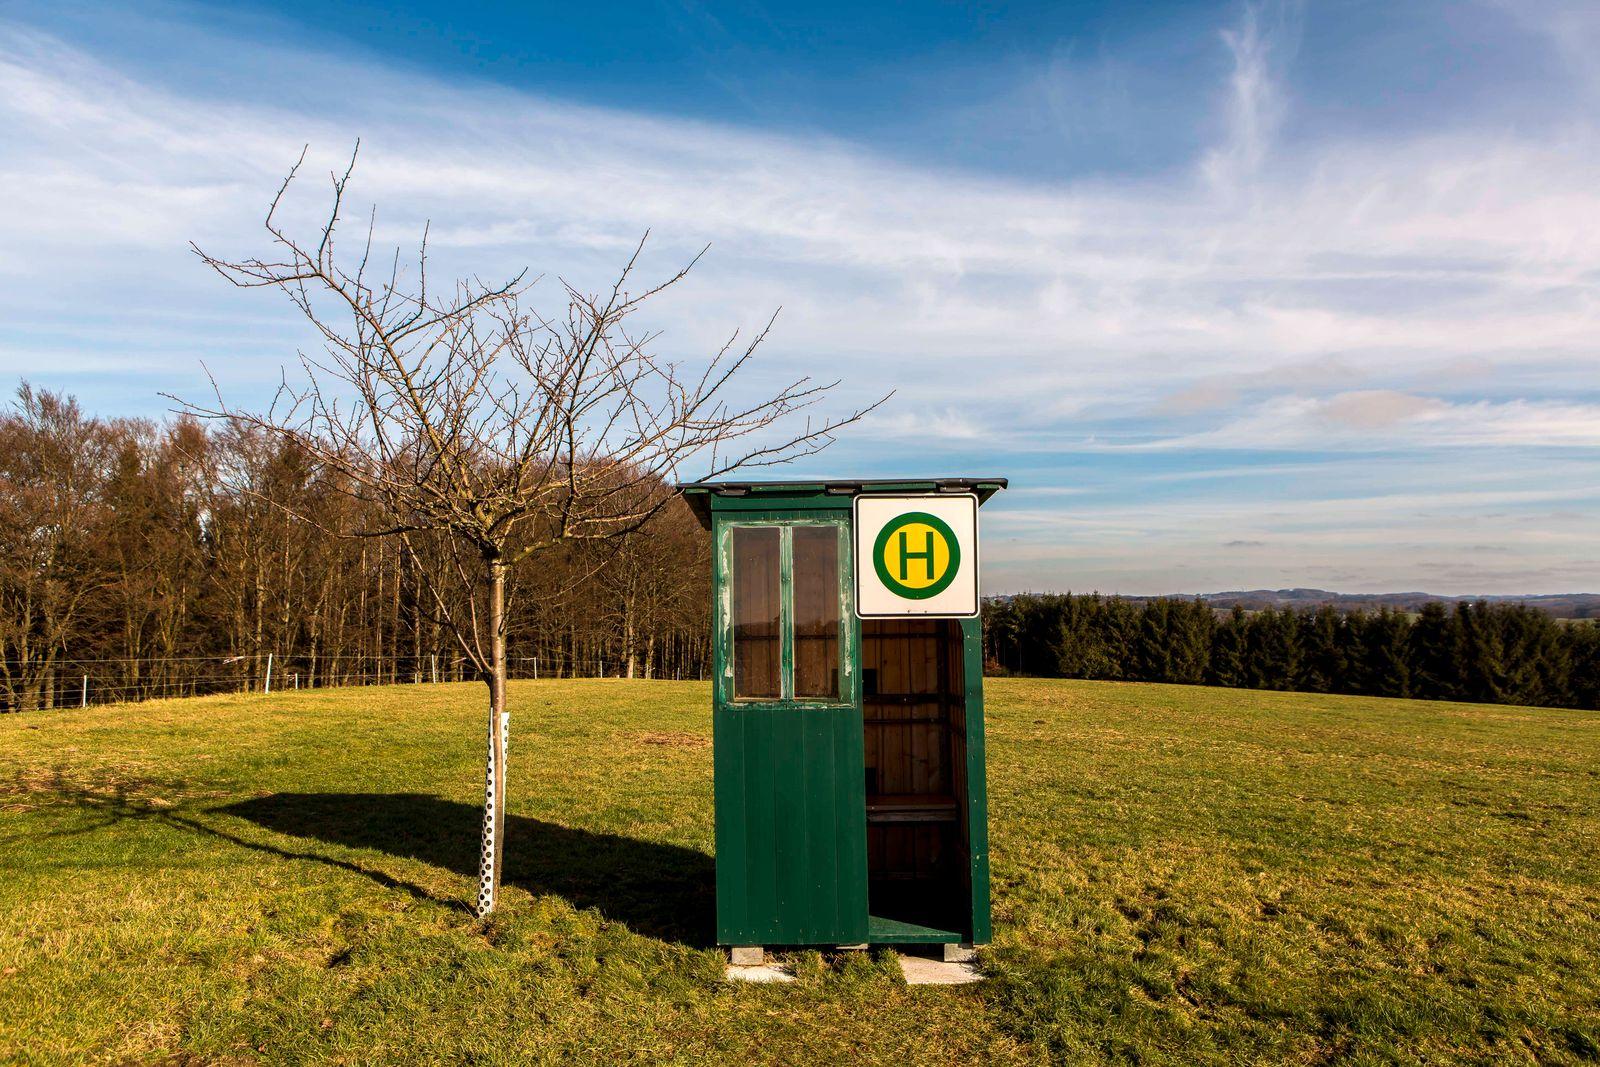 Einsame Bushaltestelle auf einem Feld in der Nähe von Wipperfeld ( Bergisches Land NRW ) Bushaltestelle *** Lonely bus s